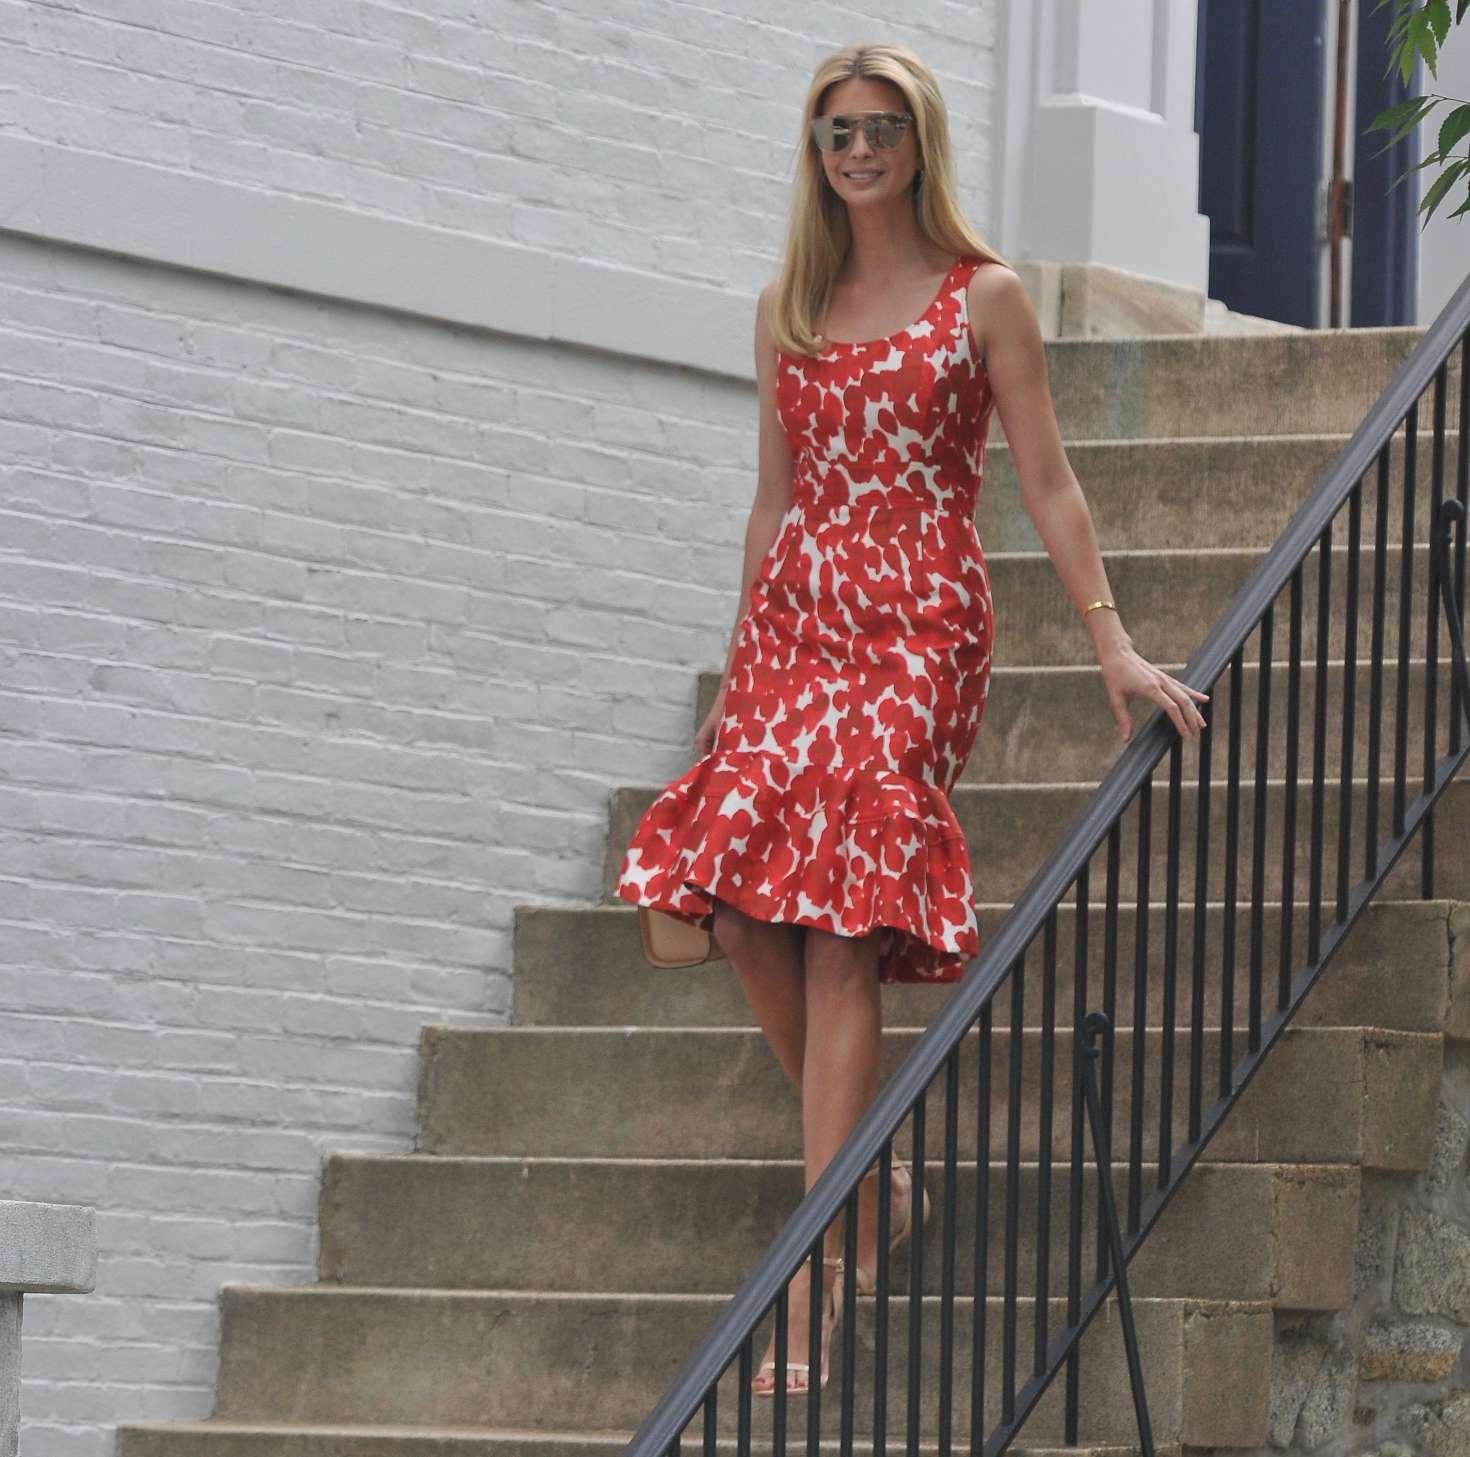 Ivanka Trump 2017 : Ivanka Trump in Red Dress -09